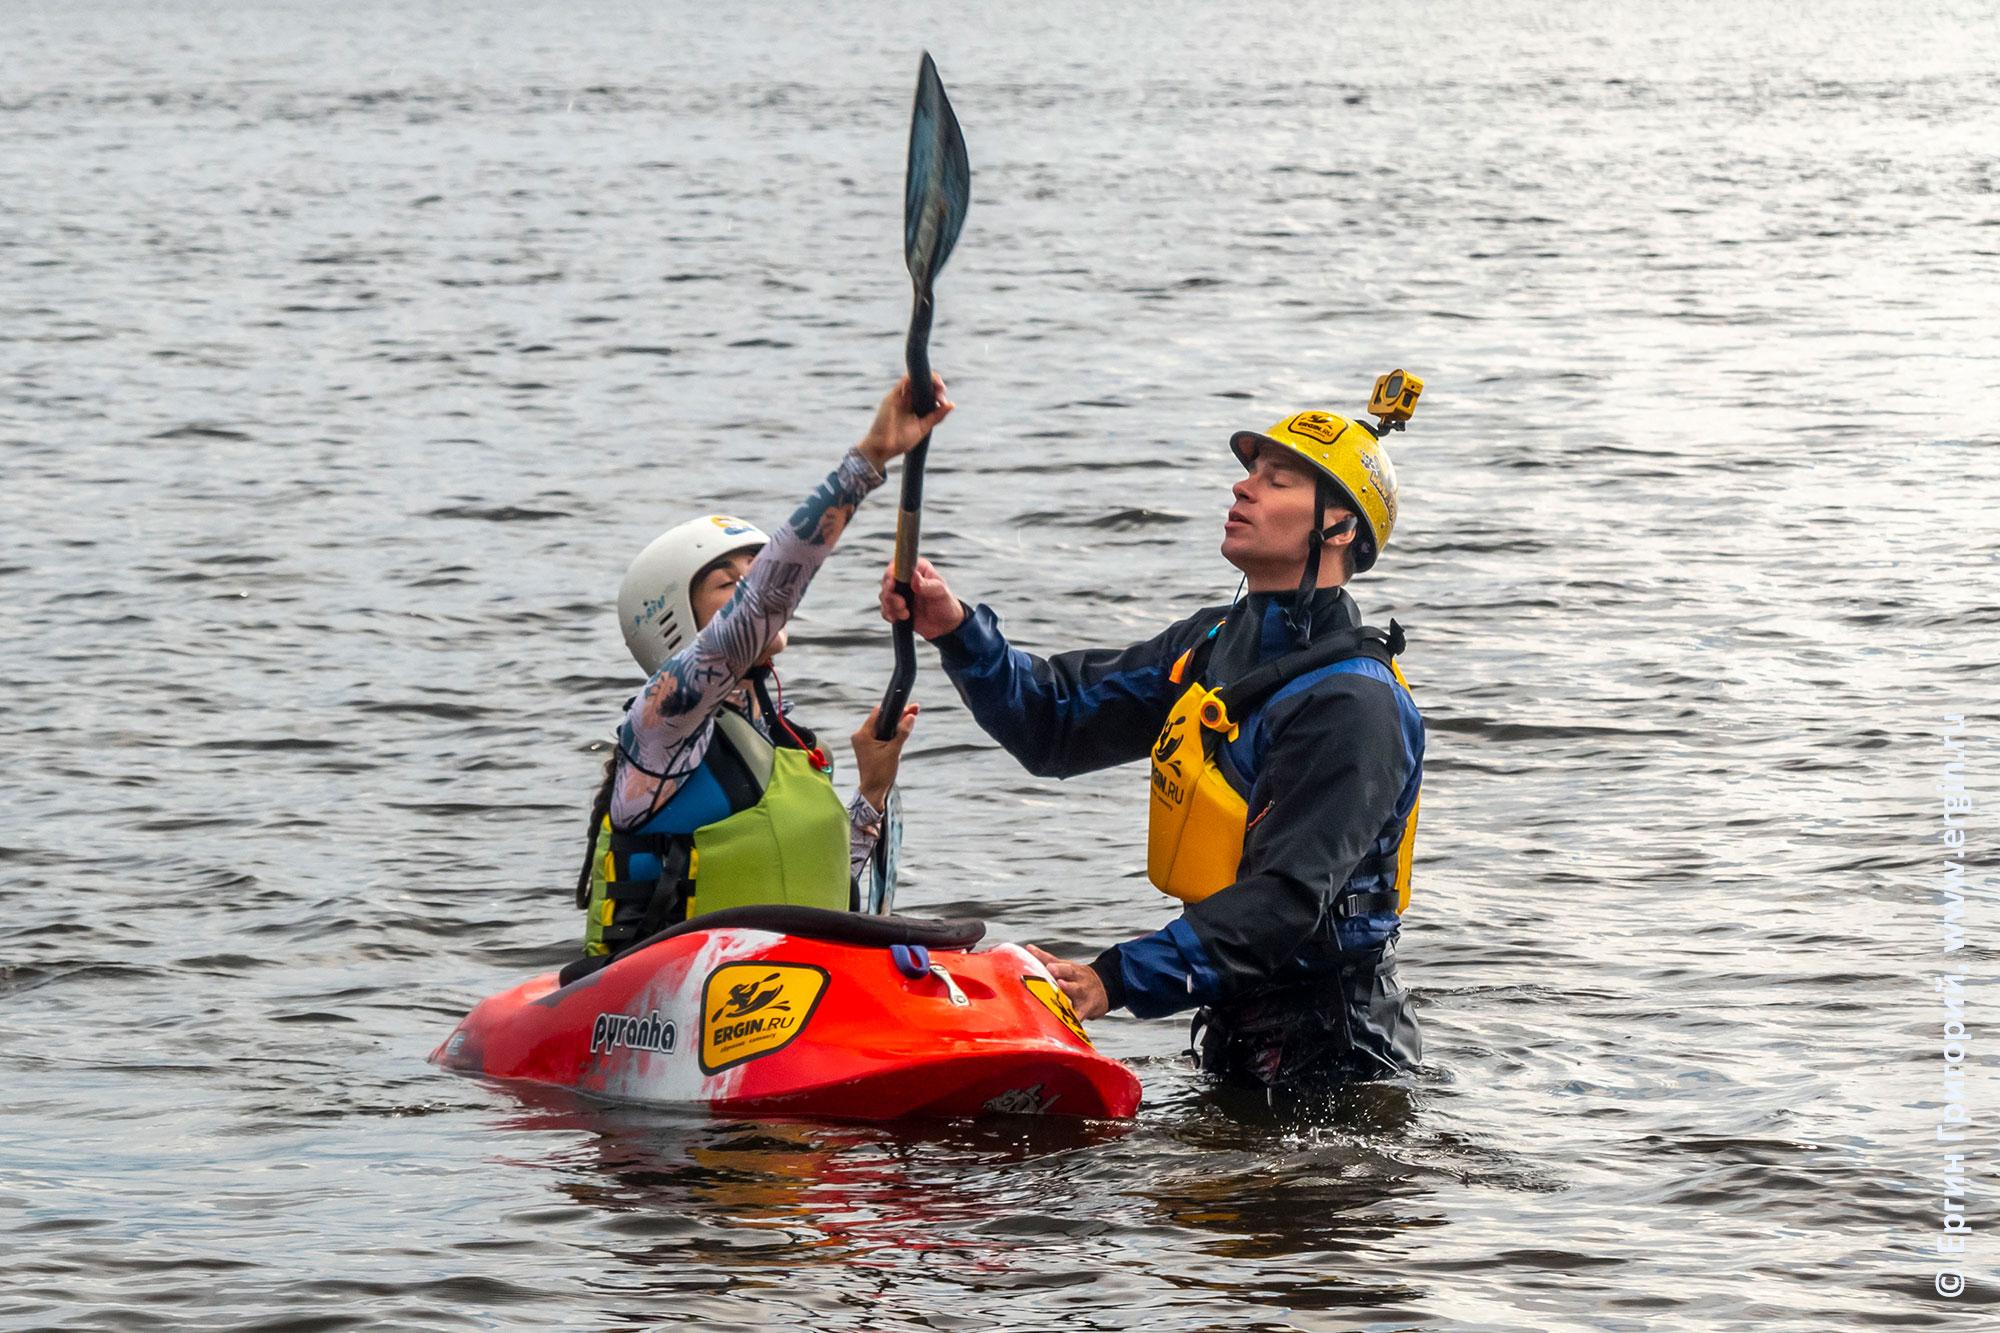 Тренировка опоры для выполнения эскимосского переворота прямым винтом